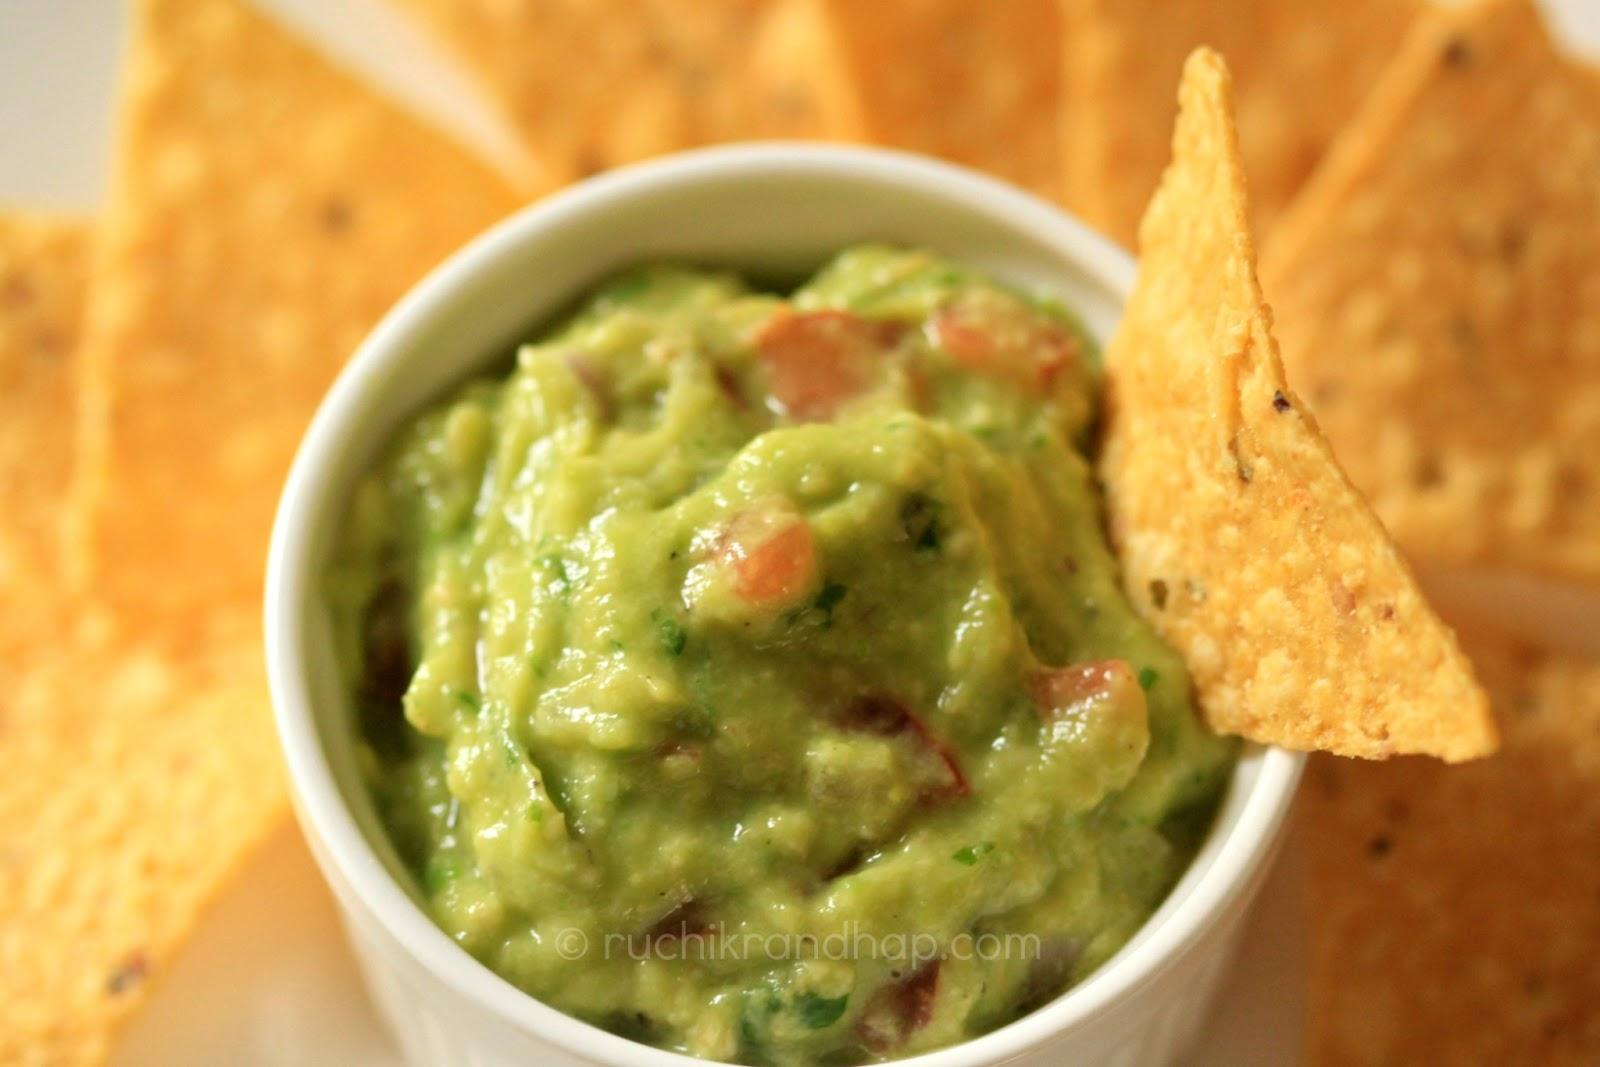 Ruchik Randhap (Delicious Cooking): Guacamole (Mexican Avocado Dip)